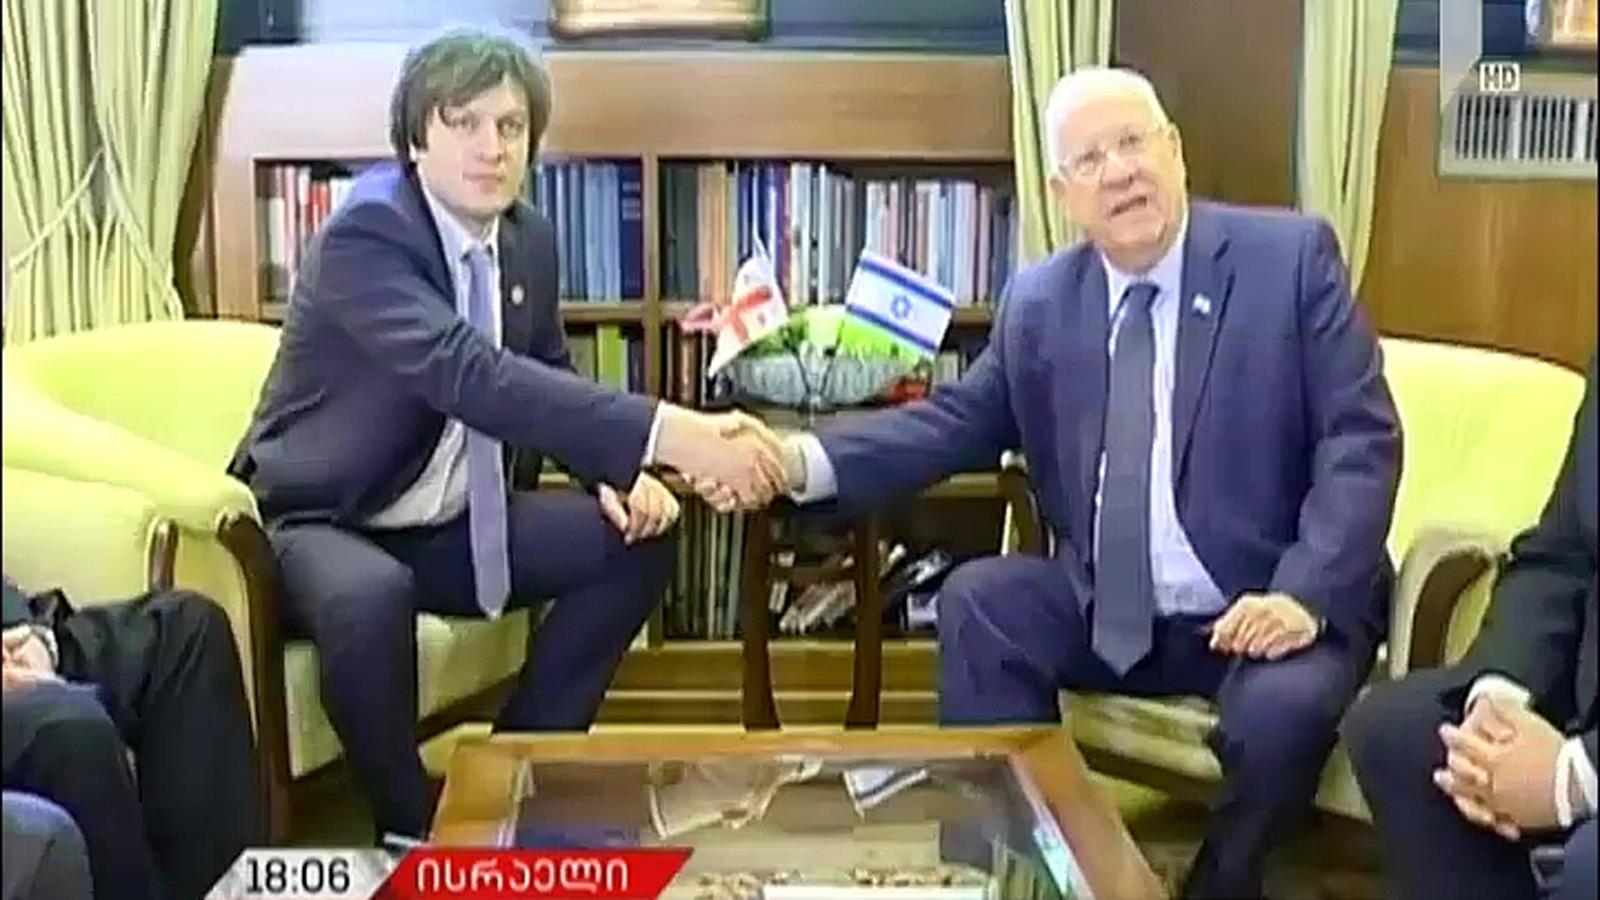 ირაკლი კობახიძე ისრაელის პრეზიდენტს და ქნესეთის თავმჯდომარეს შეხვდა - რა საკითხებზე იმსჯელეს მხარეებმა